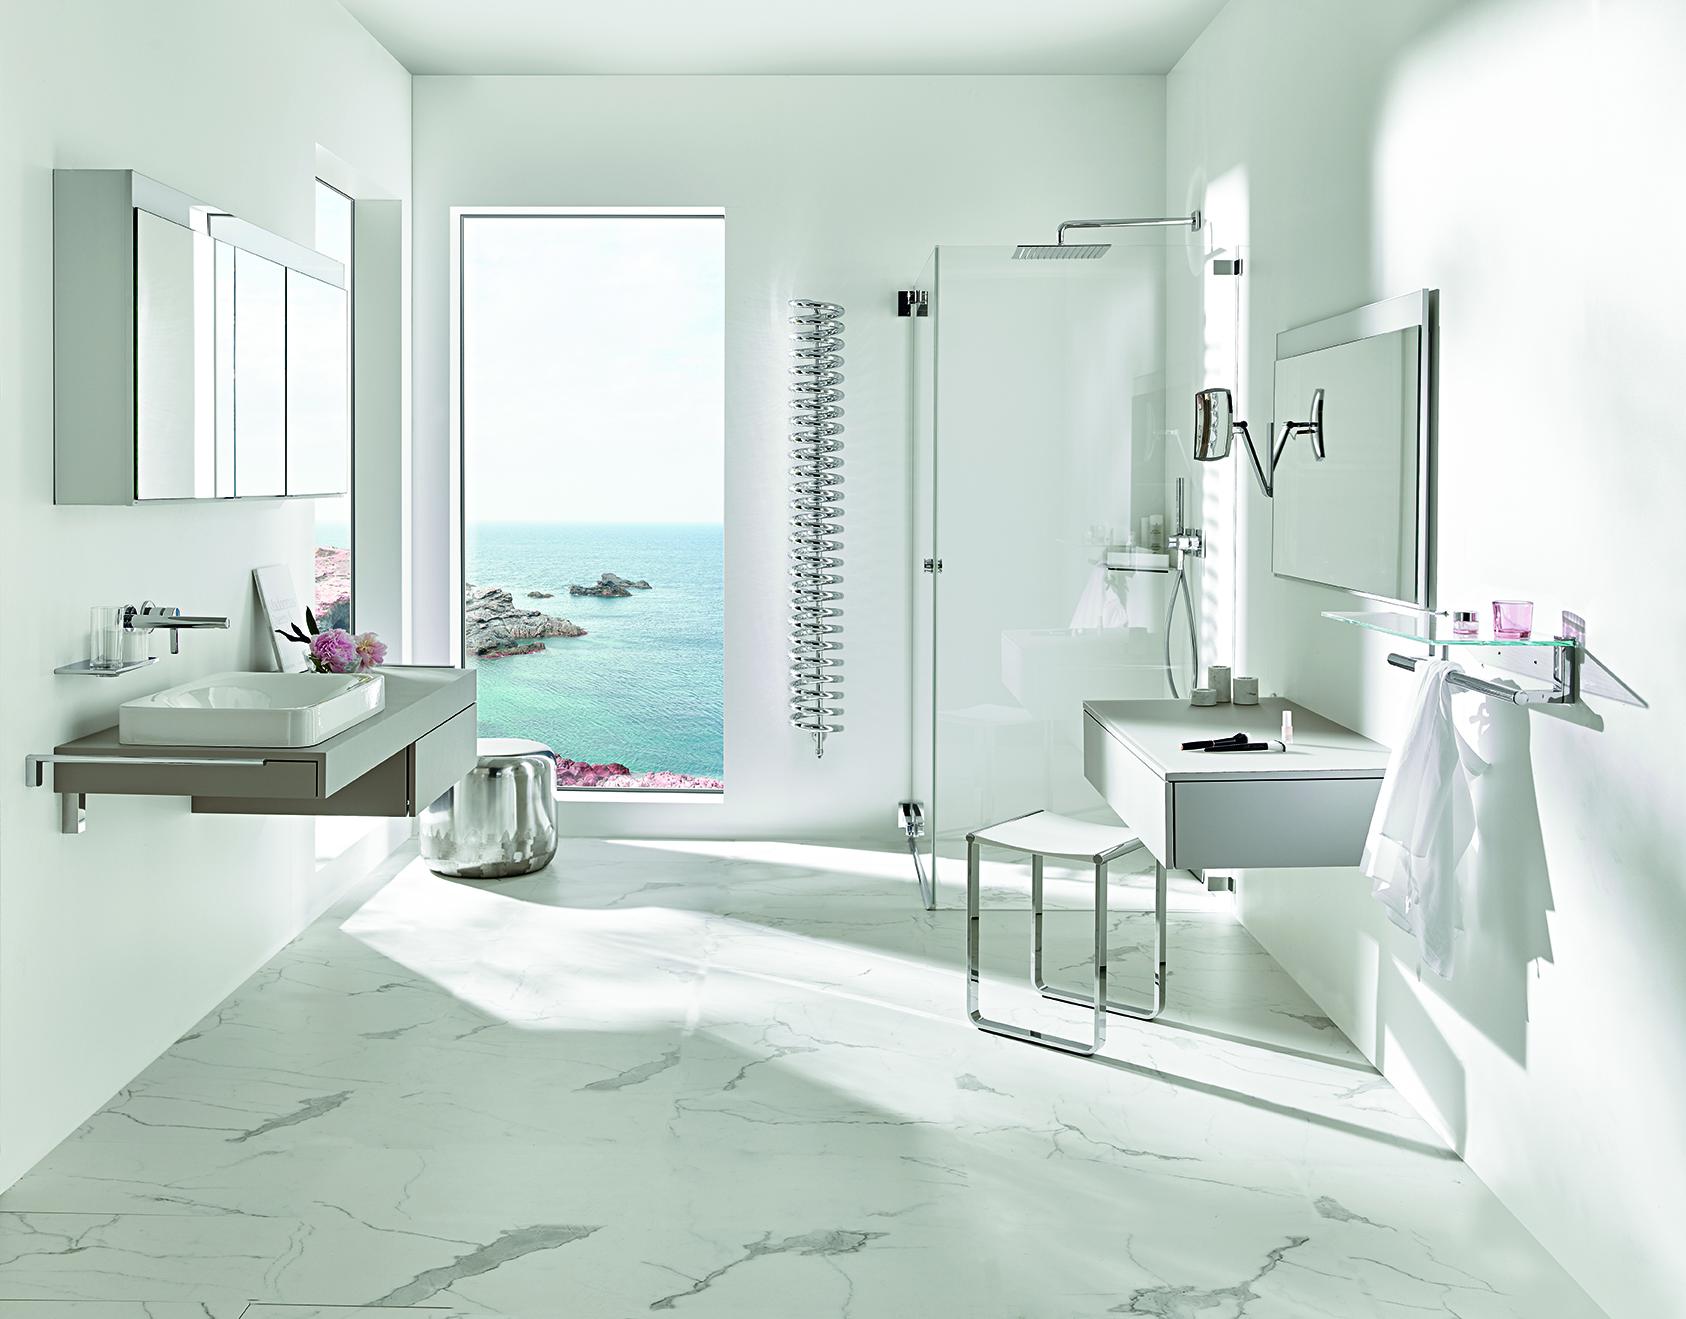 Badezimmer mit Radiator als Blickfang